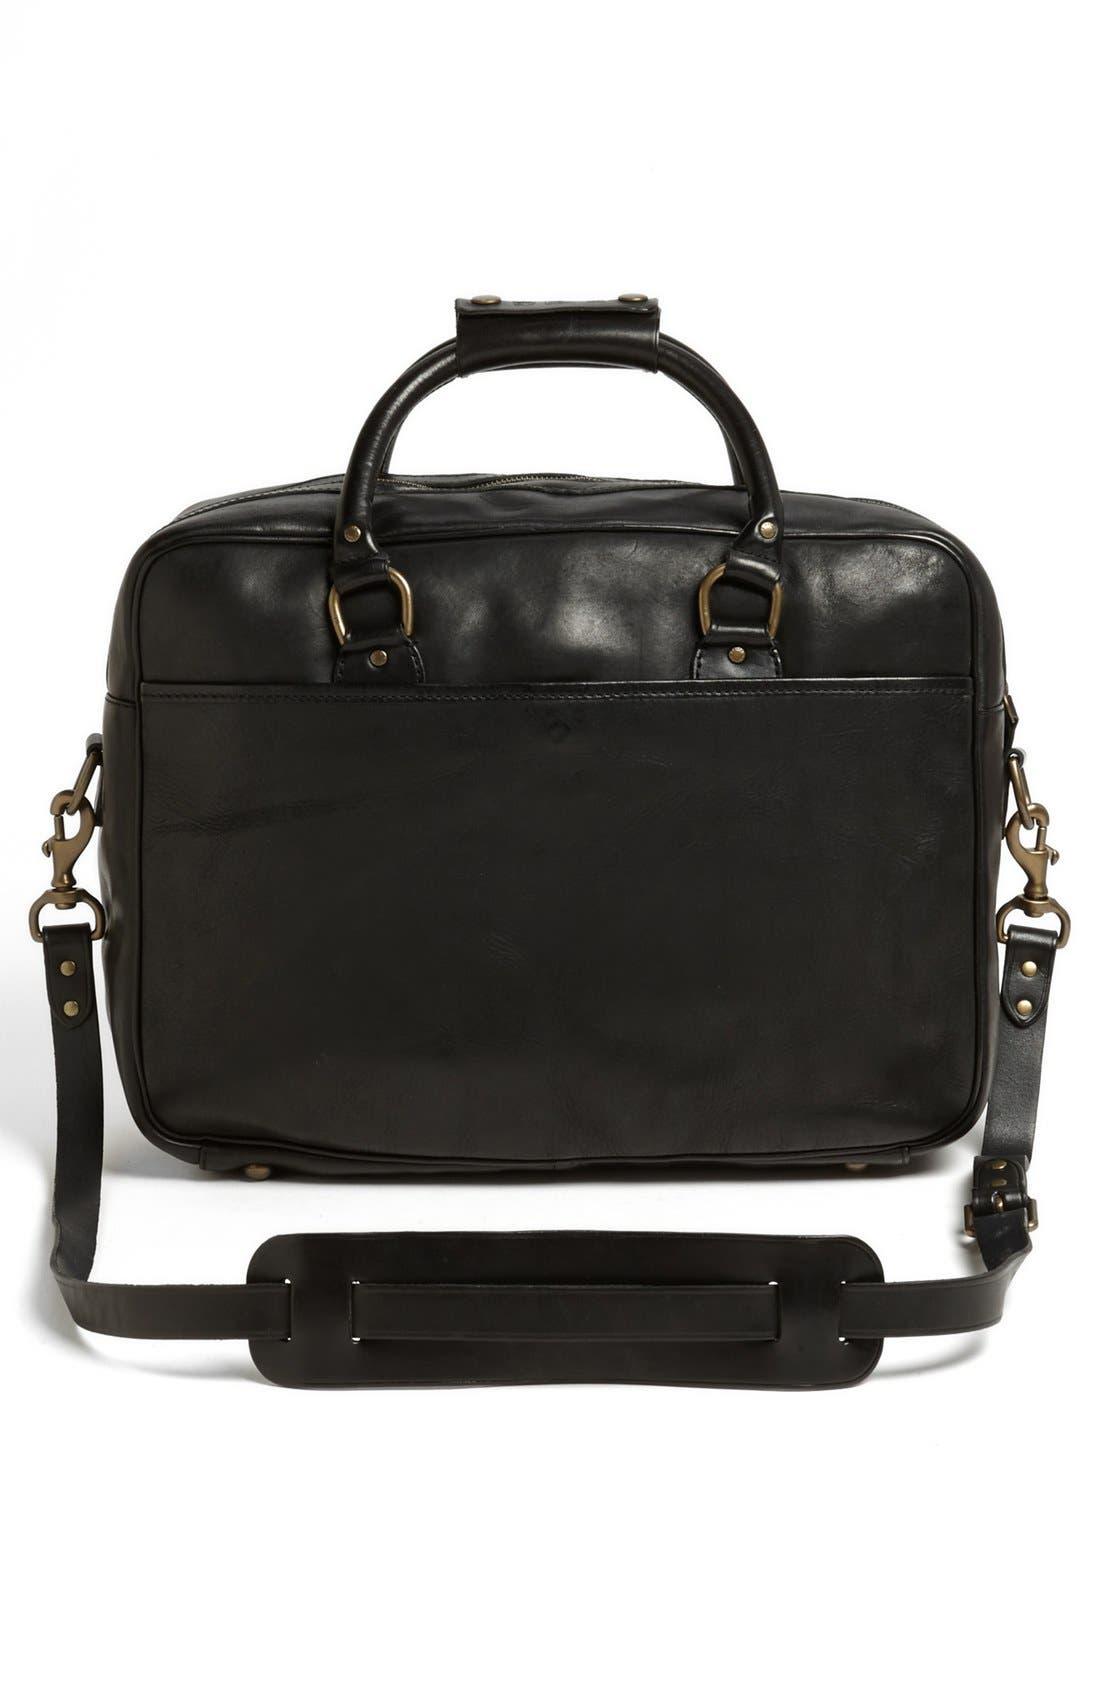 POLO RALPH LAUREN, Leather Commuter Bag, Alternate thumbnail 4, color, 001